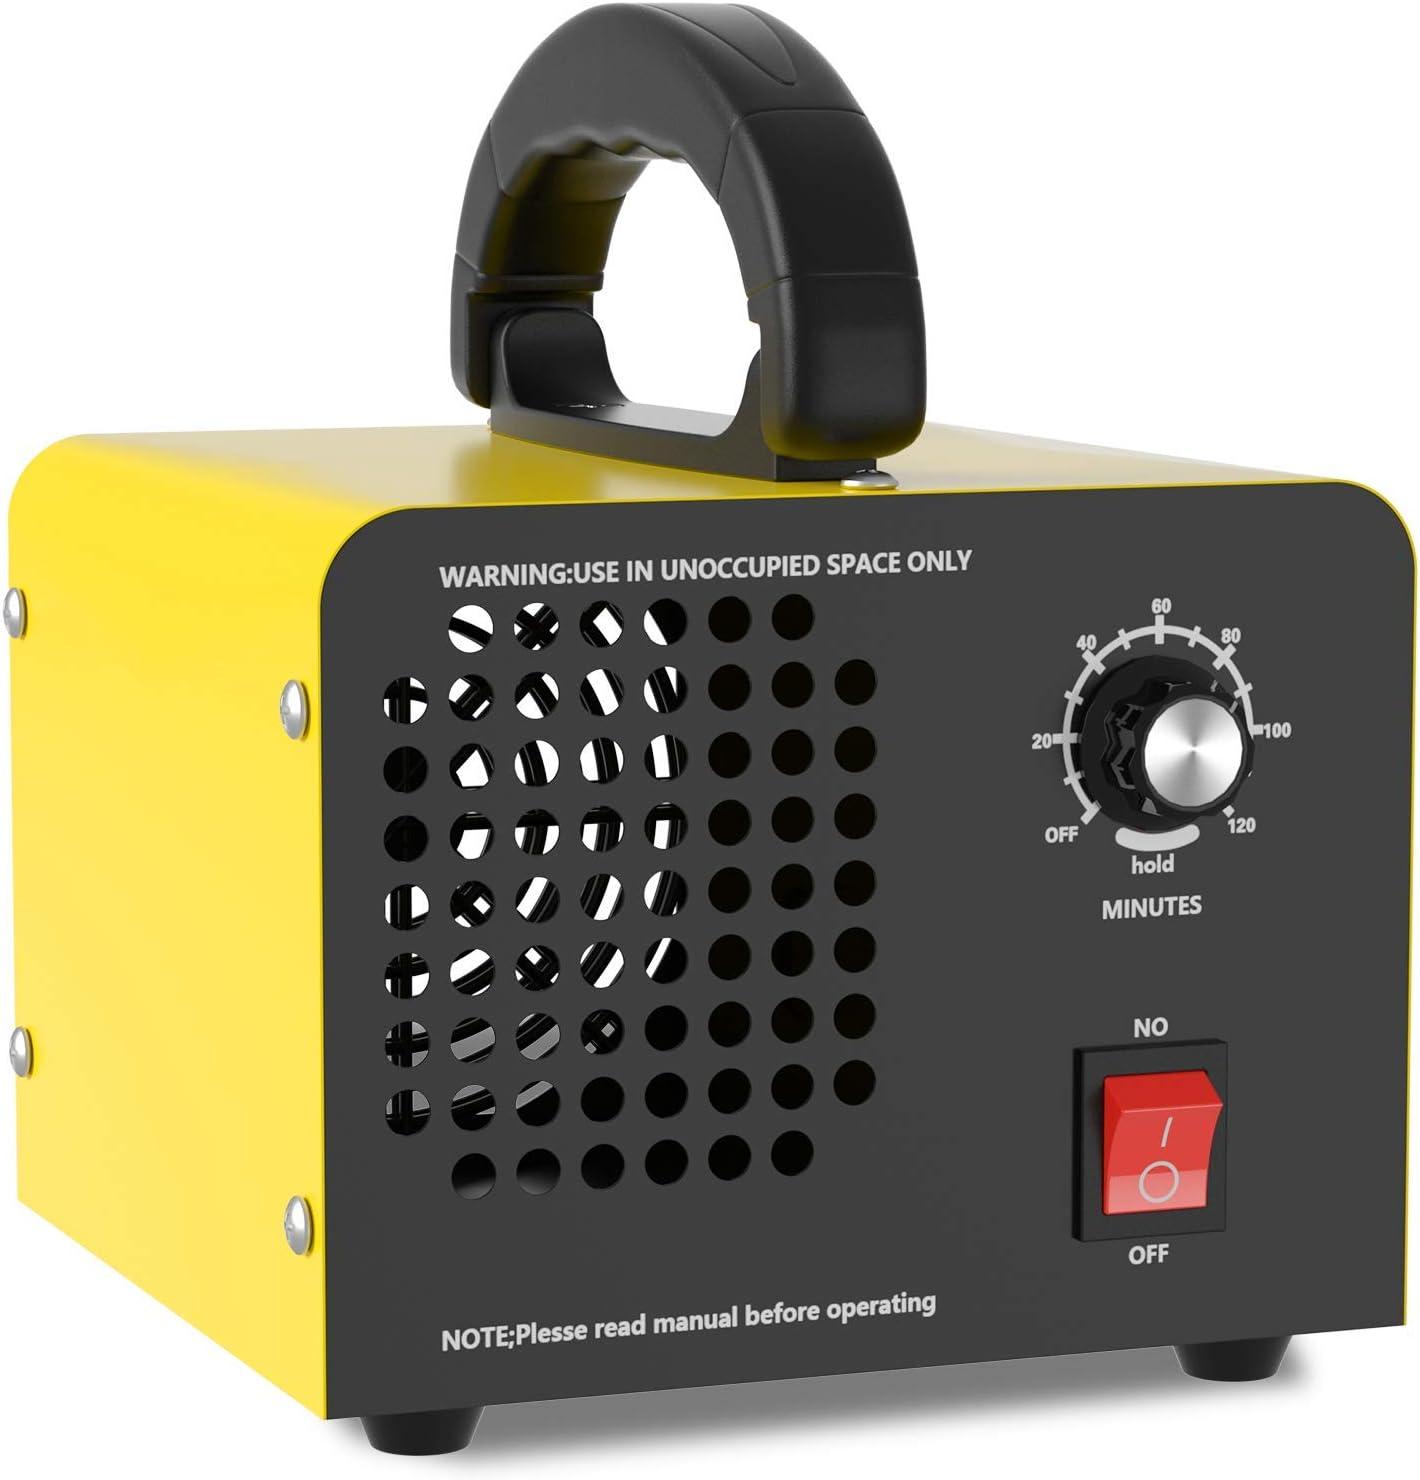 Generador de Ozono 10,000mg/H, QUARED Purificador de Aire Desodorizador de Ozono para Habitaciones, garajes, Granjas, hoteles, Limpia hasta 300㎡